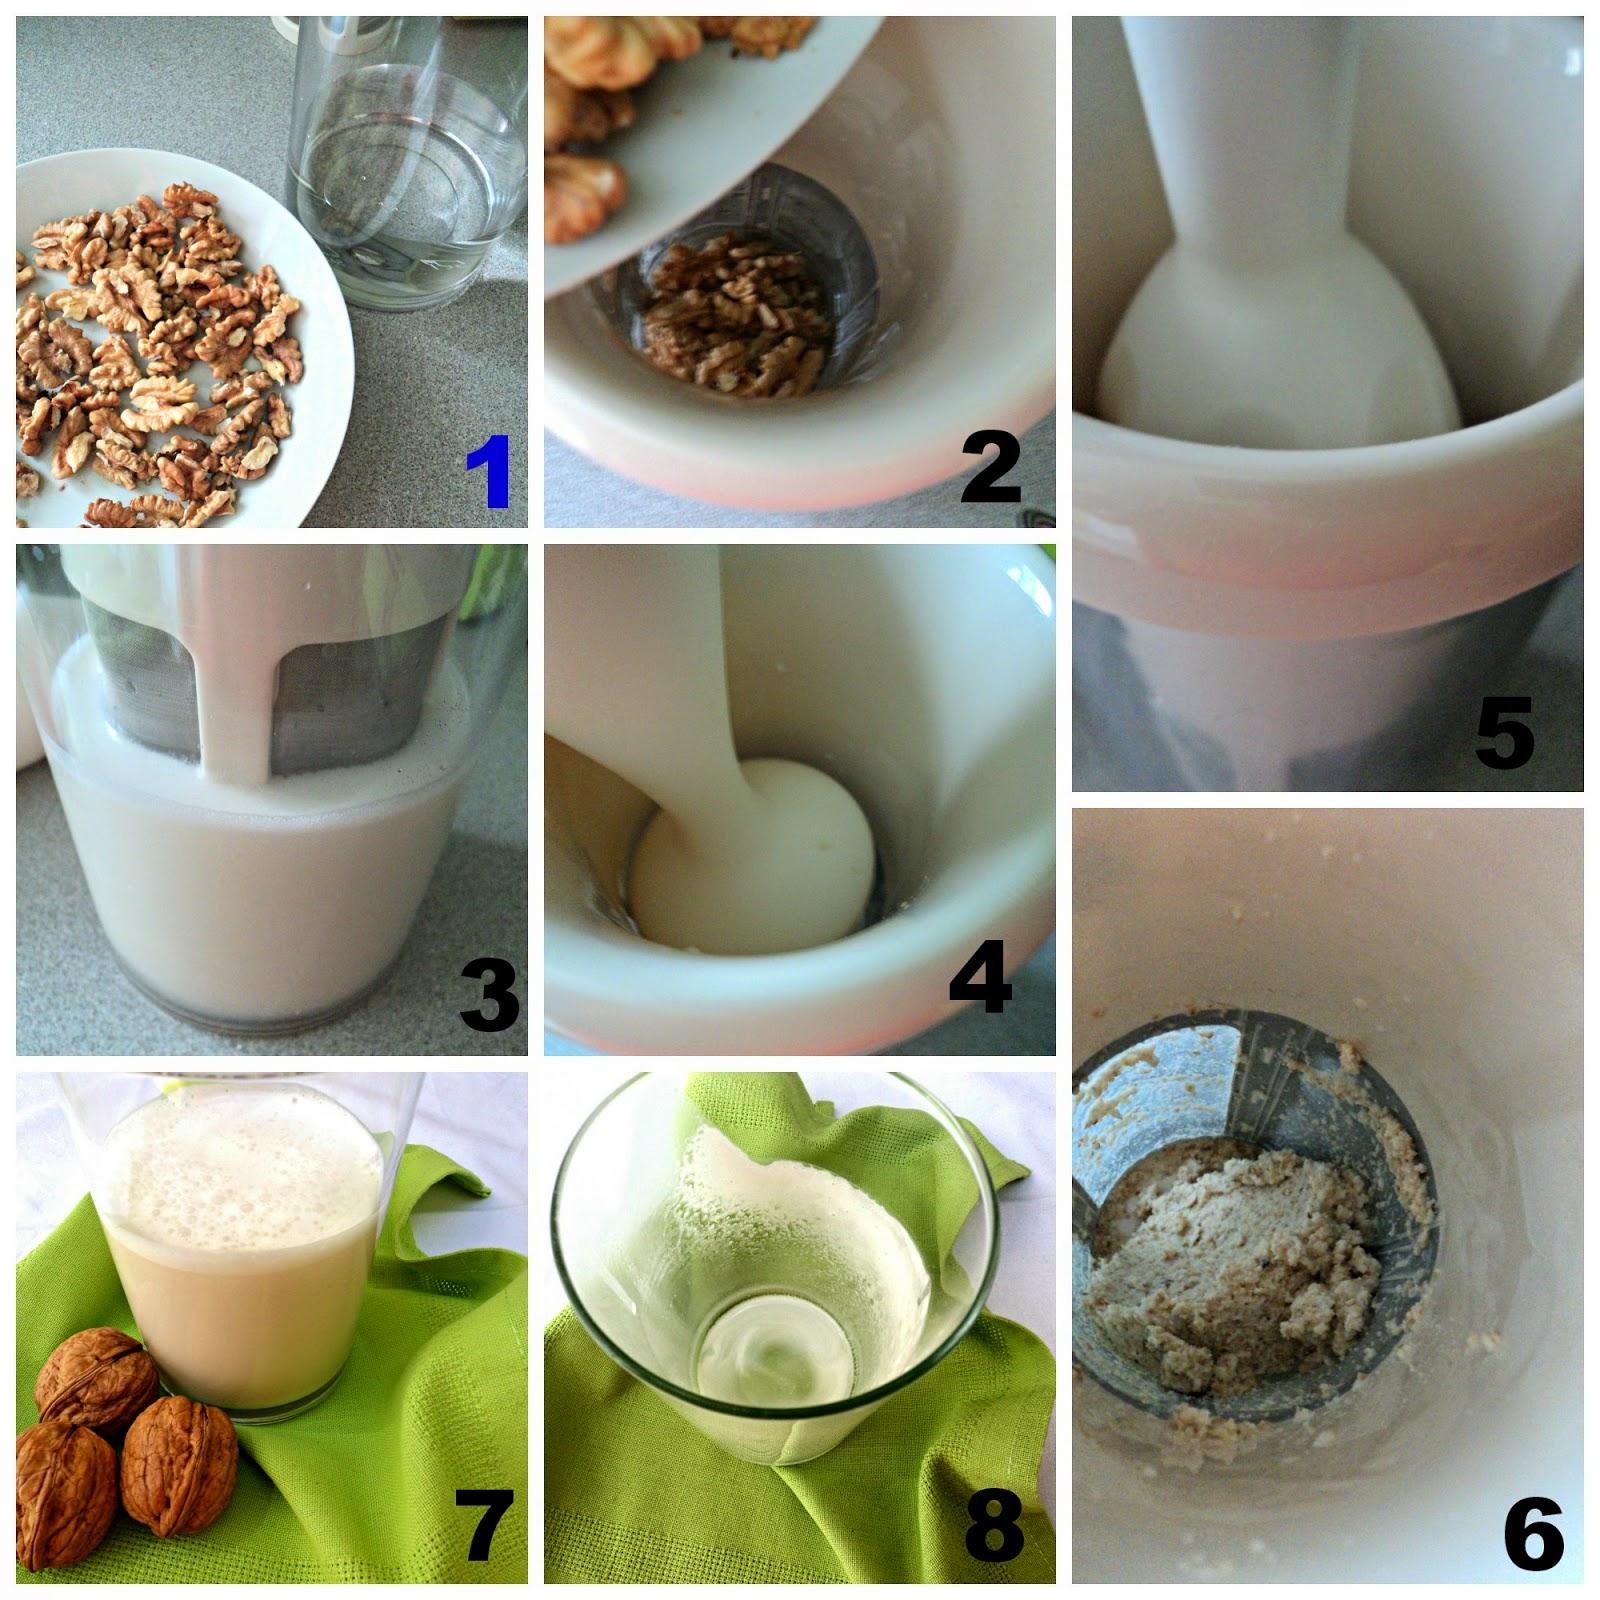 leche-nueces-speculoos-preparacion